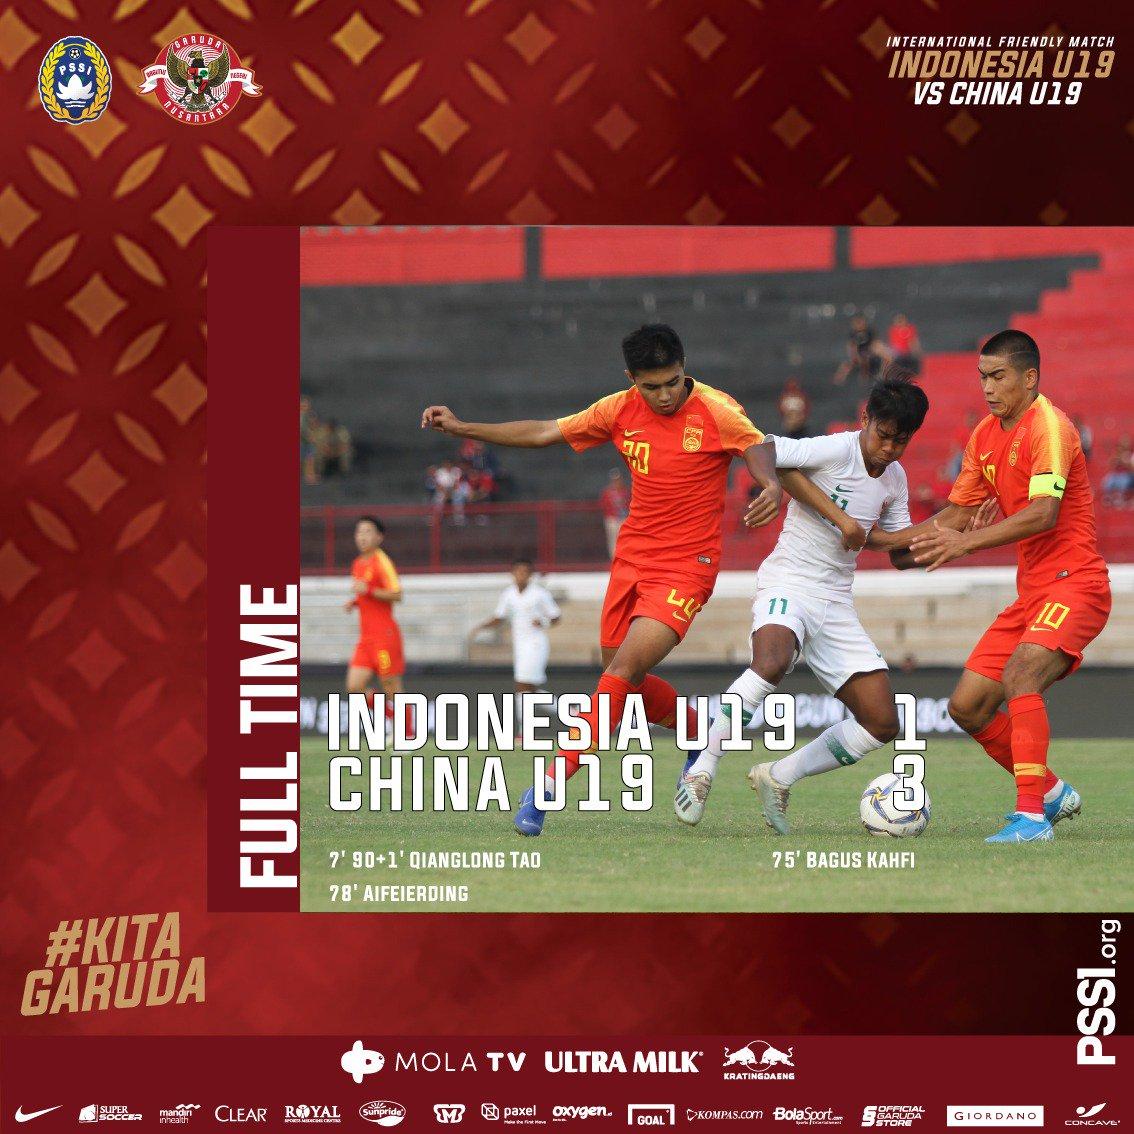 报一箭之仇!陶强龙双响,国青热身赛3-1取胜印尼